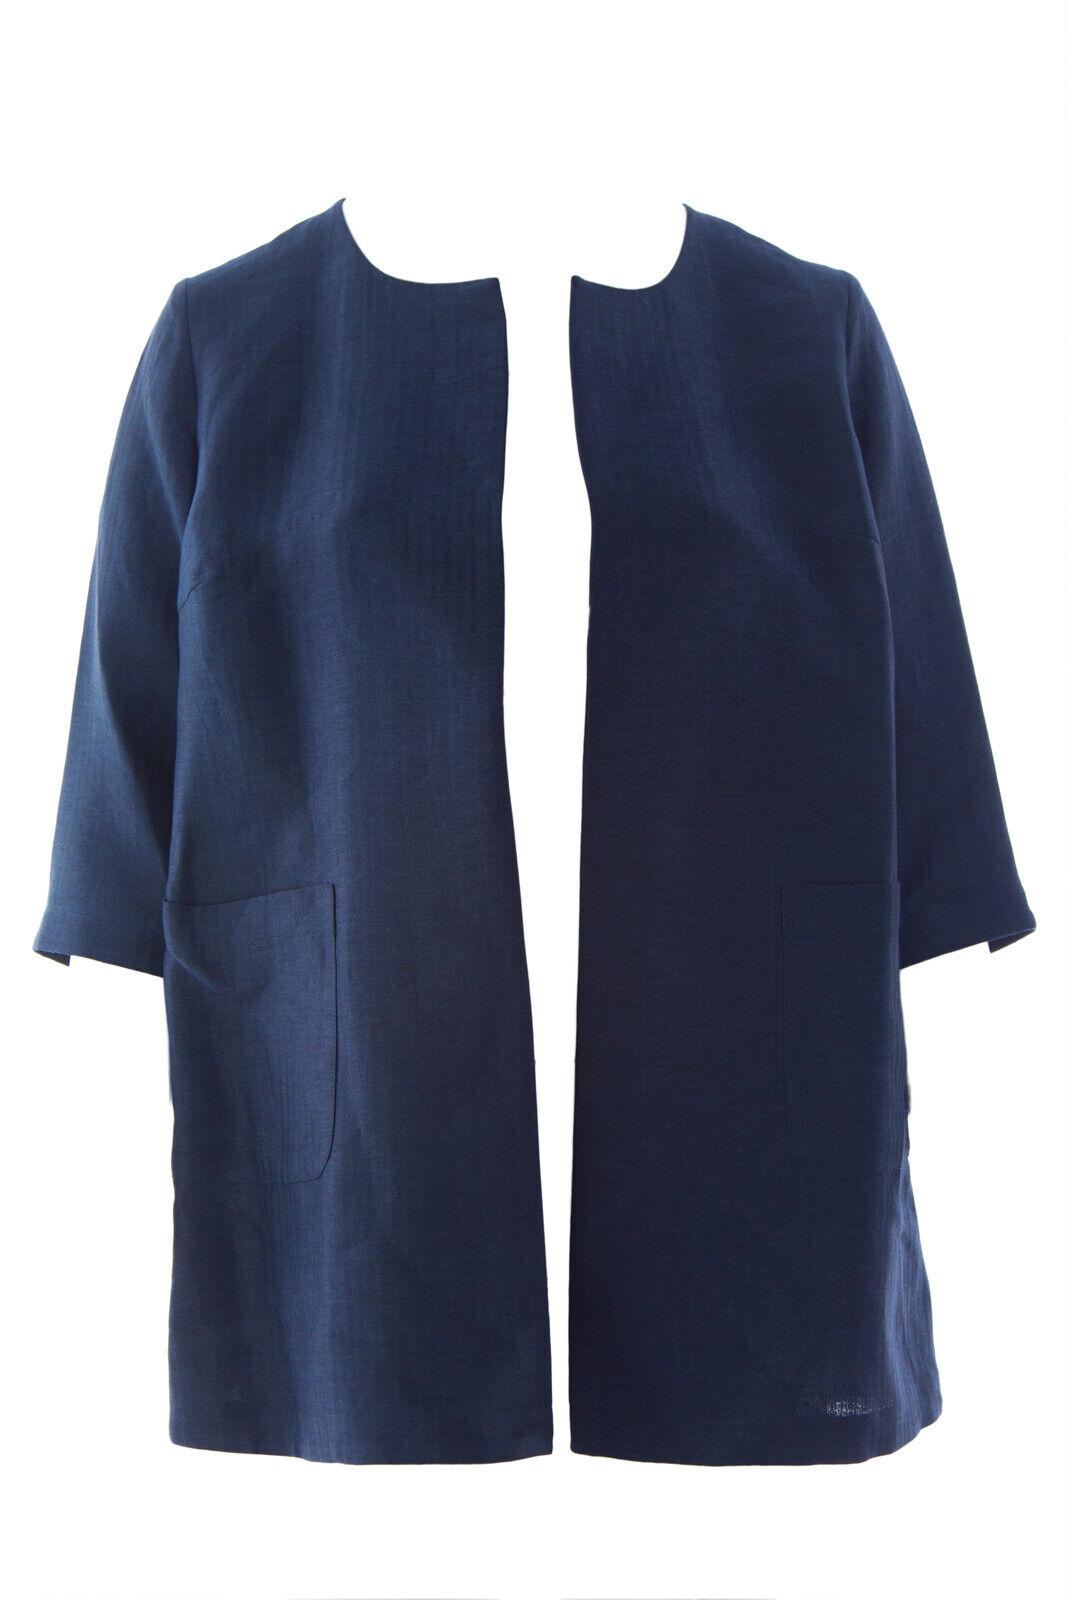 Marina Rinaldi Mujer Azul Marino  Festante Frente Abierto Chaqueta  hasta 42% de descuento